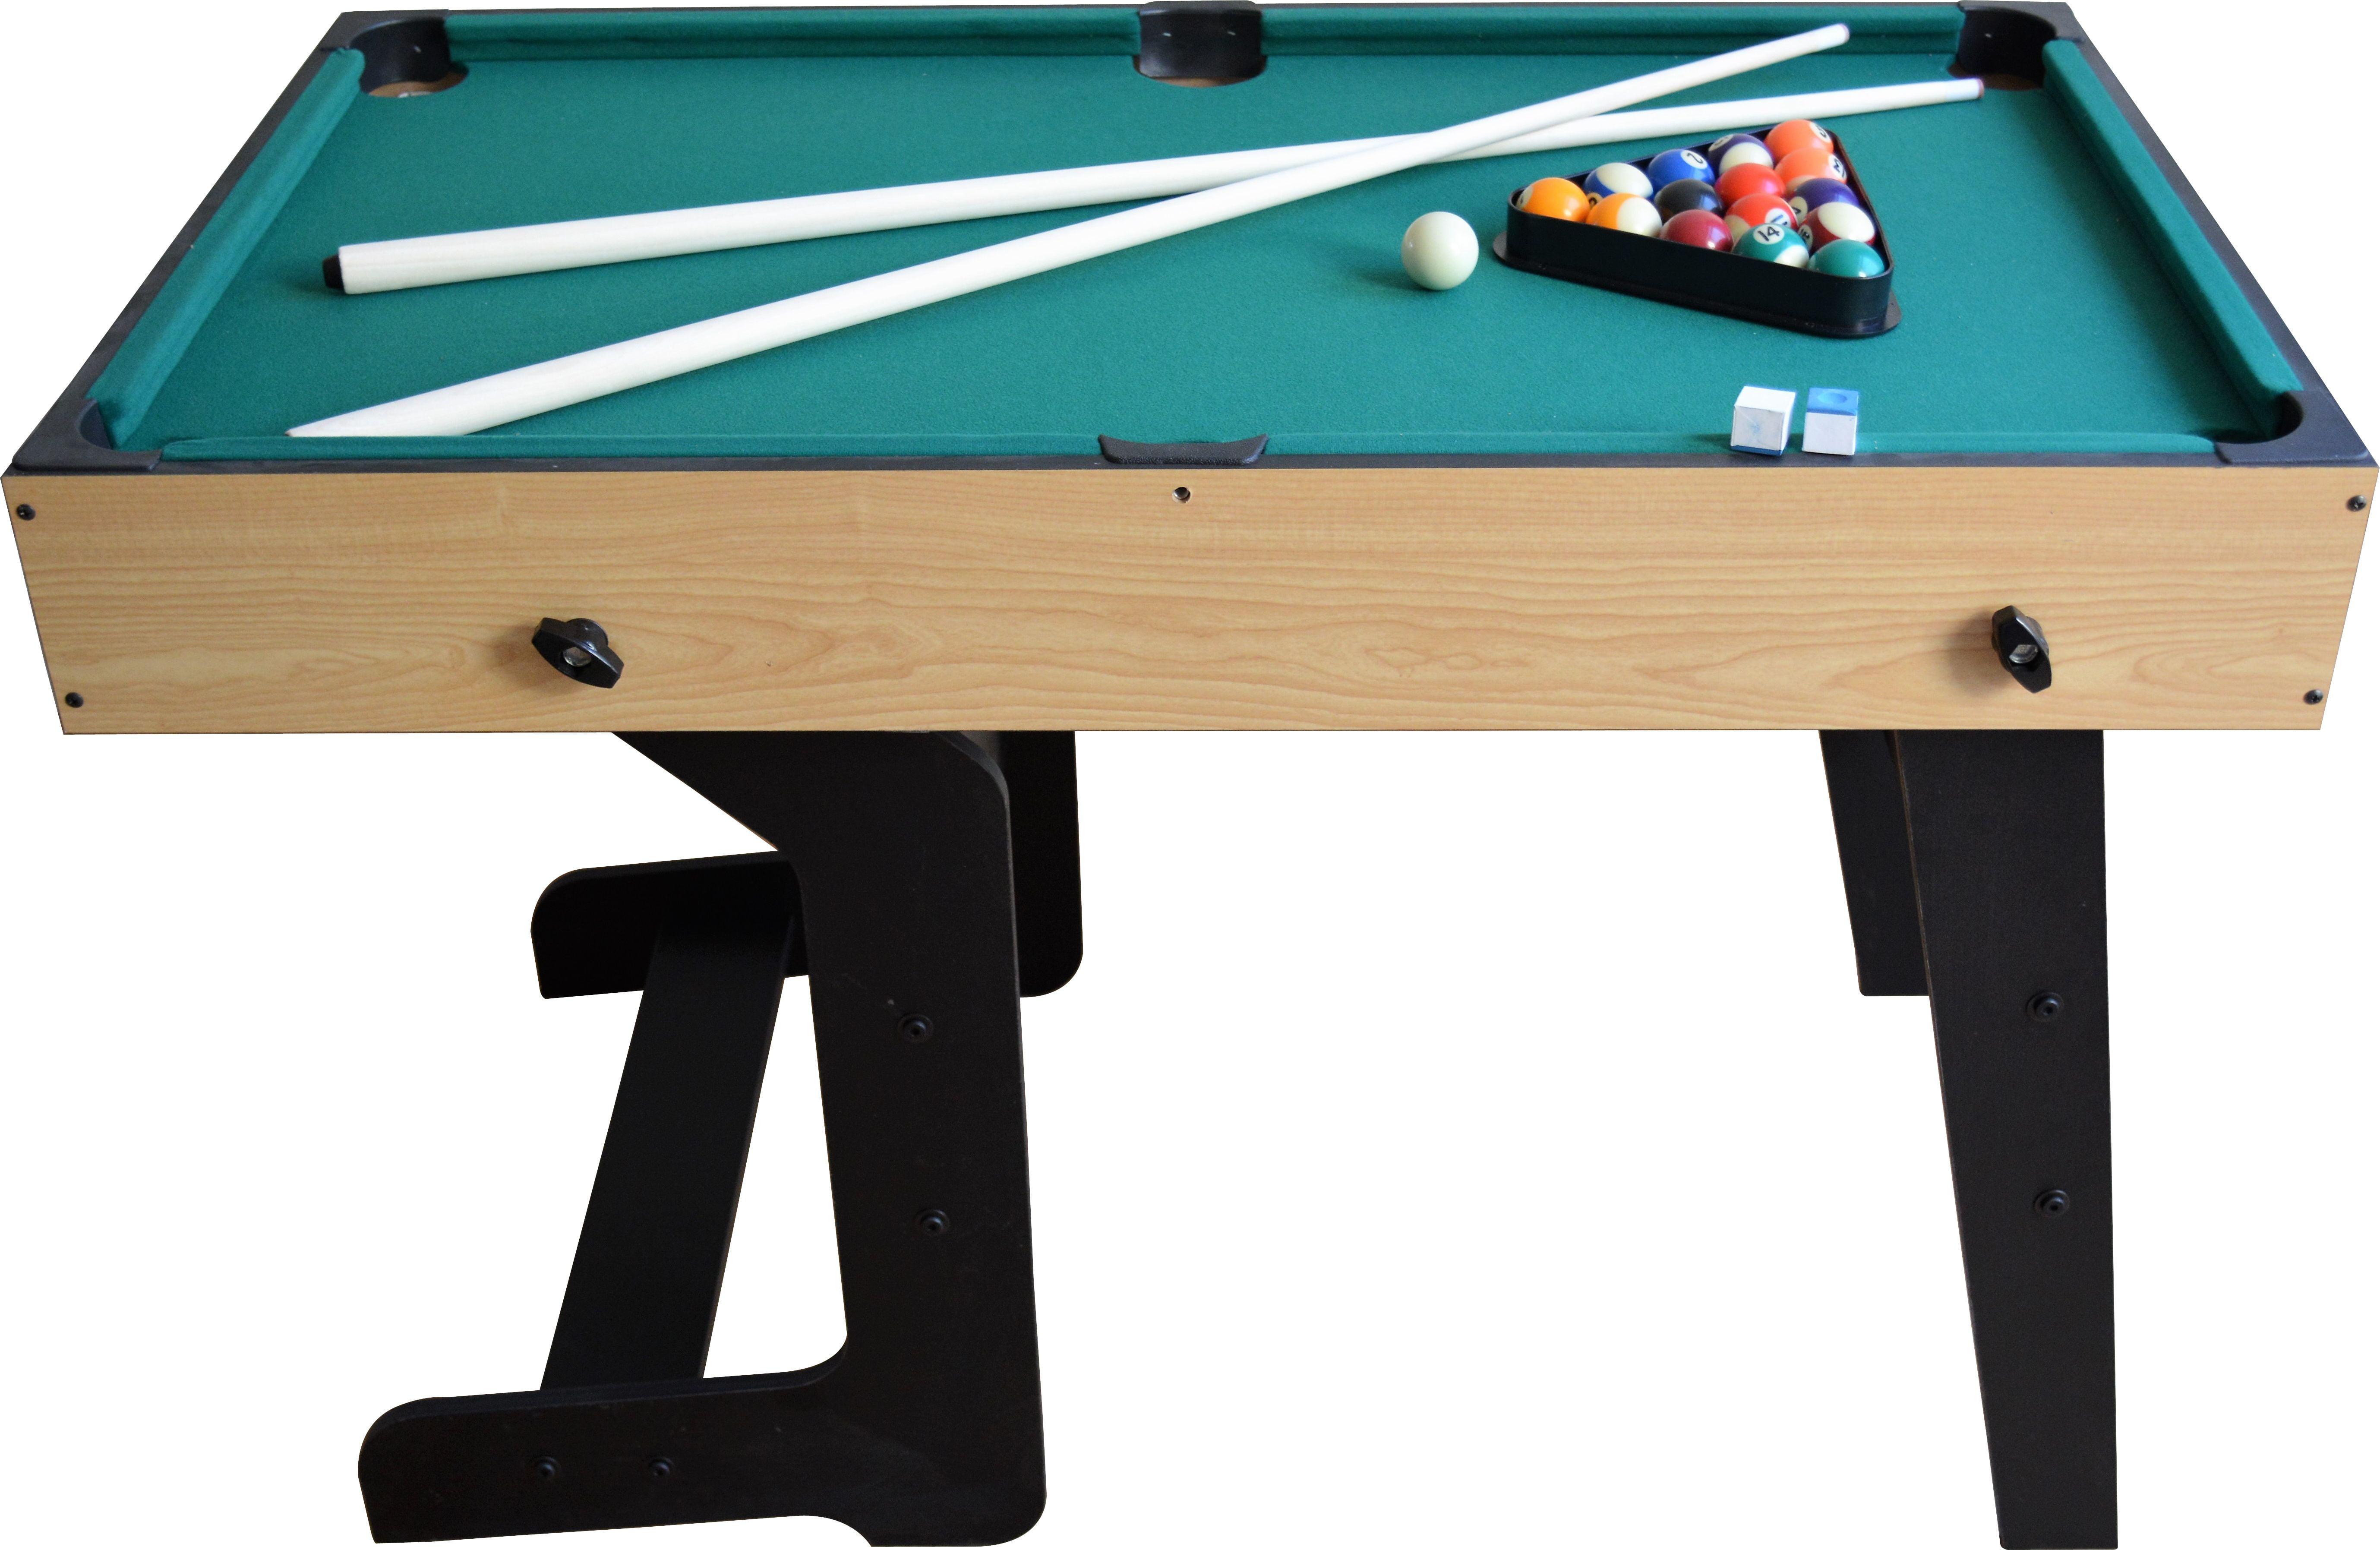 16 In 1 Folding Junior Multi Game Table Tennis Pool Hockey Foosball